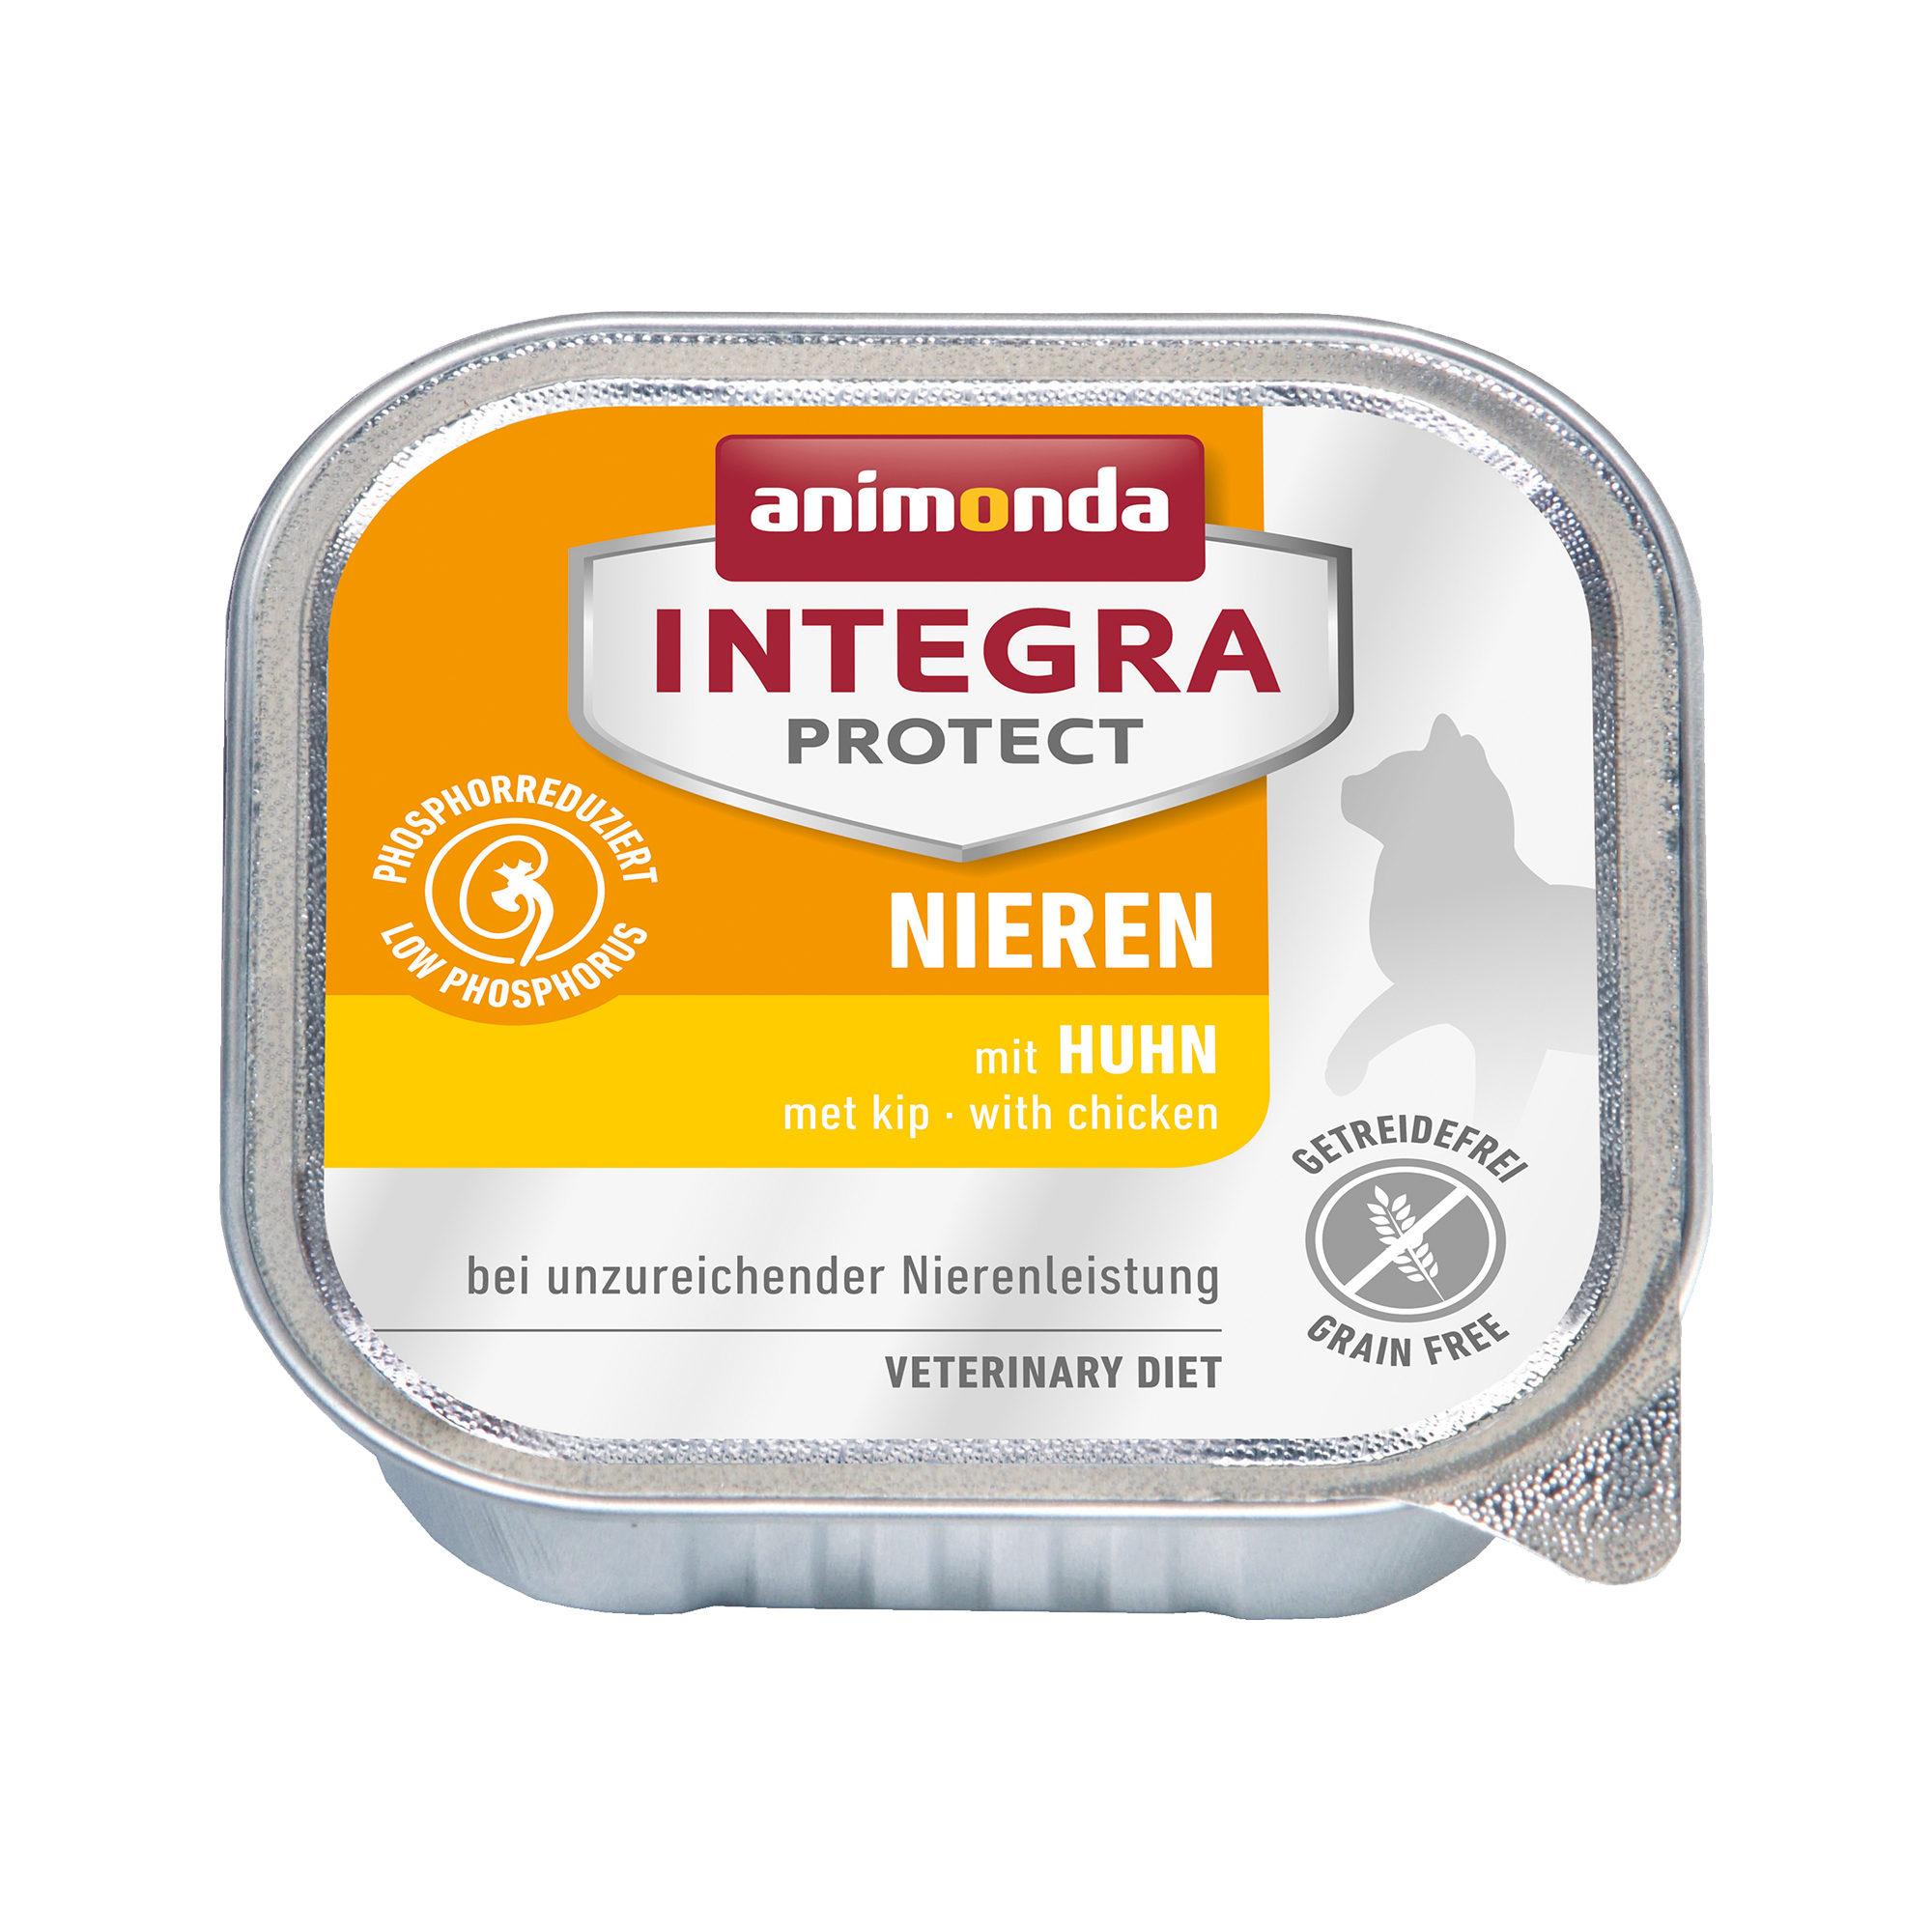 Animonda Integra Protect Nieren Katzenfutter - Schälchen - Huhn - 16 x 100 g